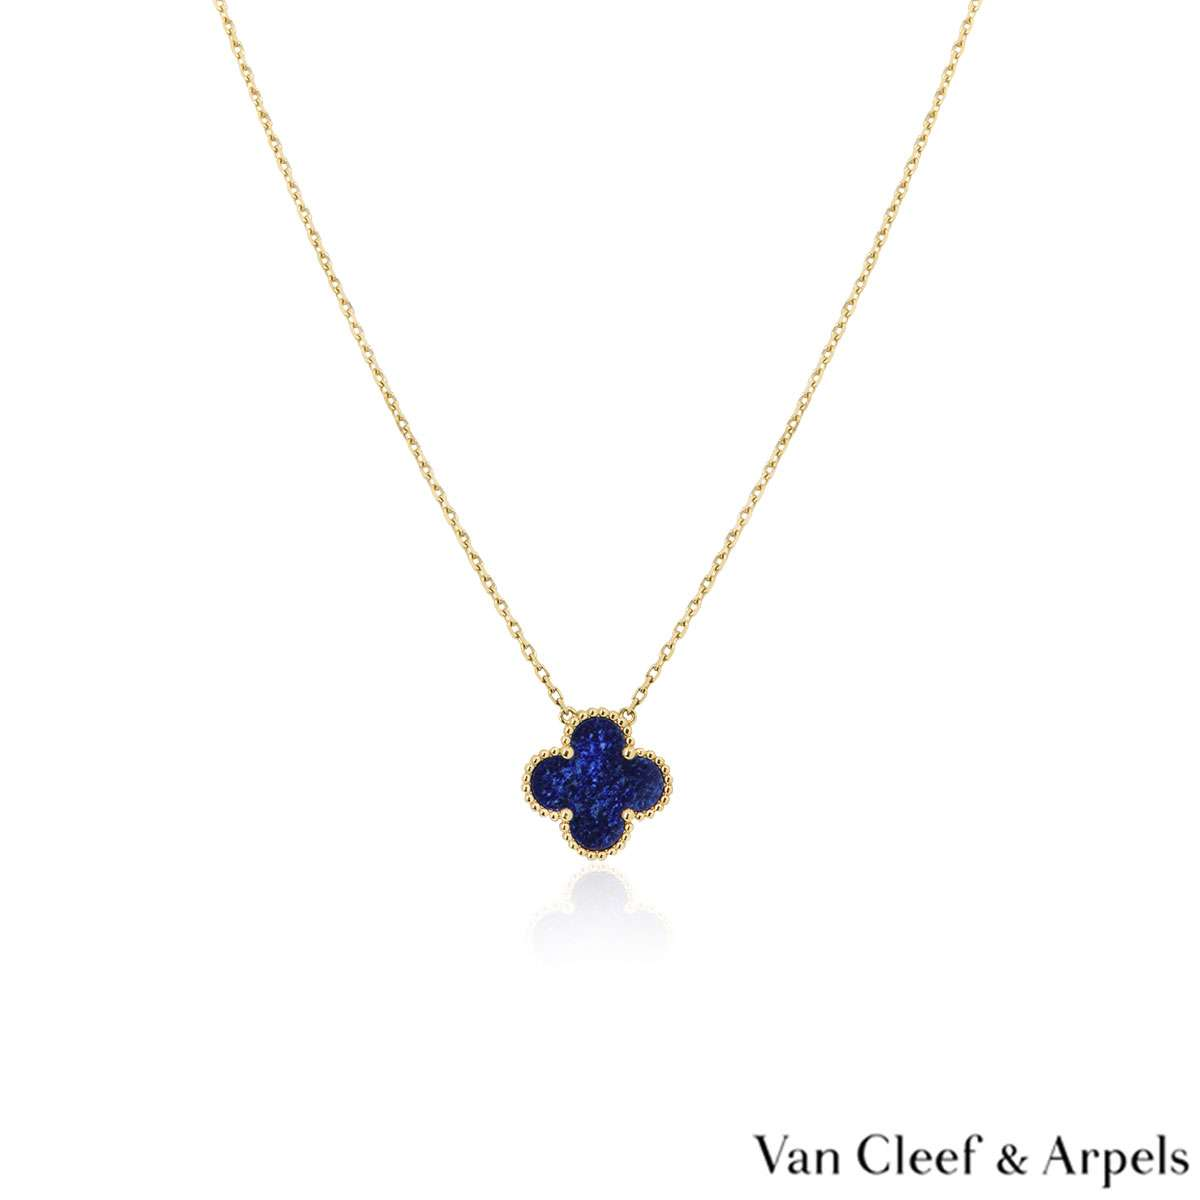 Van Cleef & Arpels Lapis Sweet Alhambra Pendant